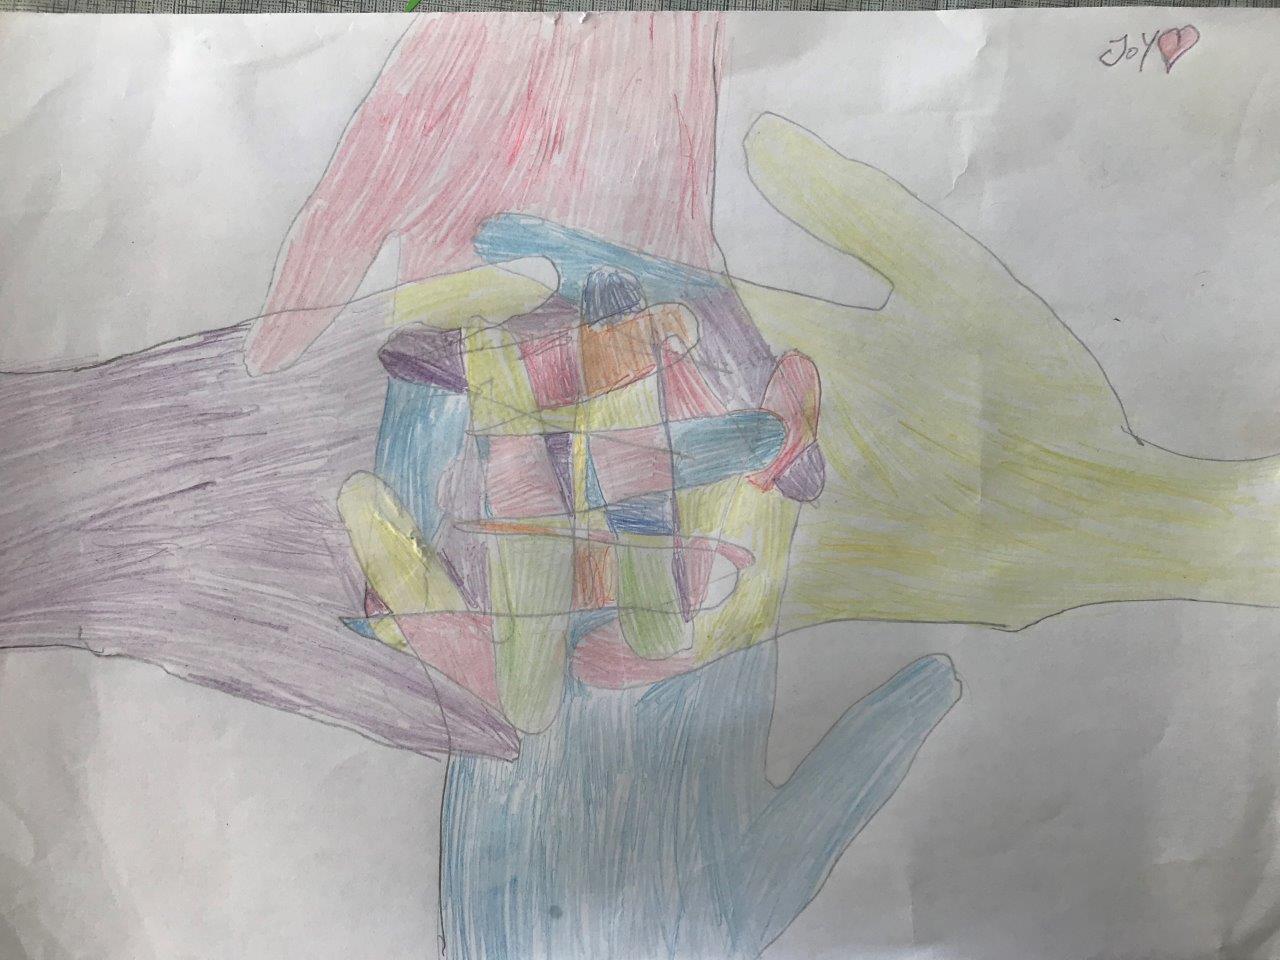 2020-04-mains chaudes-mains froides-cm1 (5)